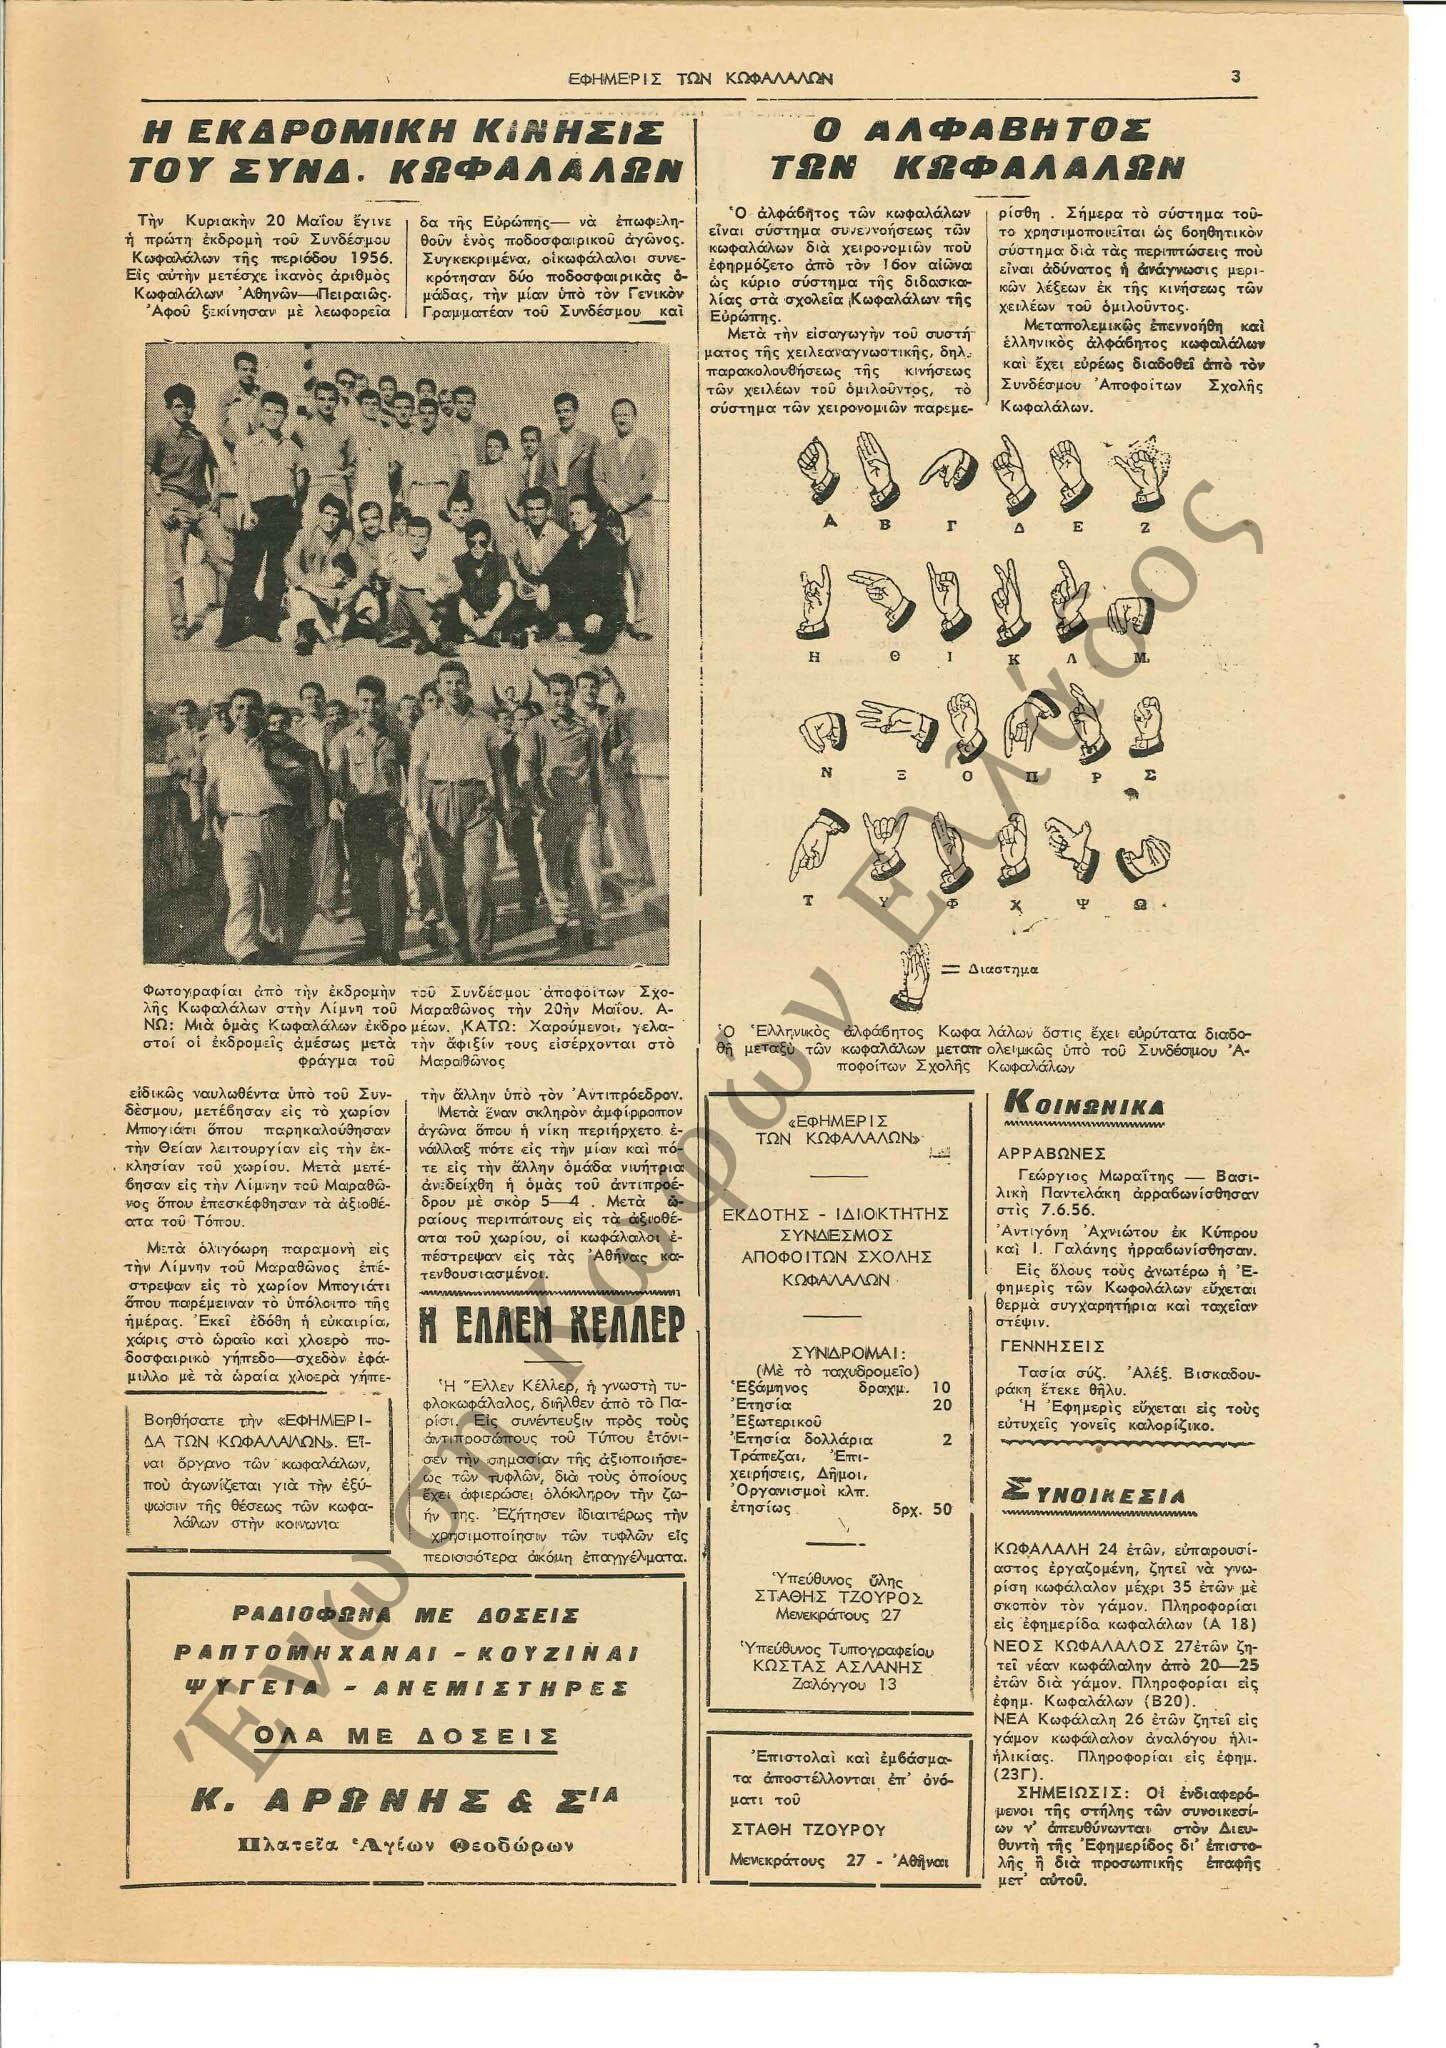 Εφημερίς των Κωφαλάλων 1956-Ιούνιος 3